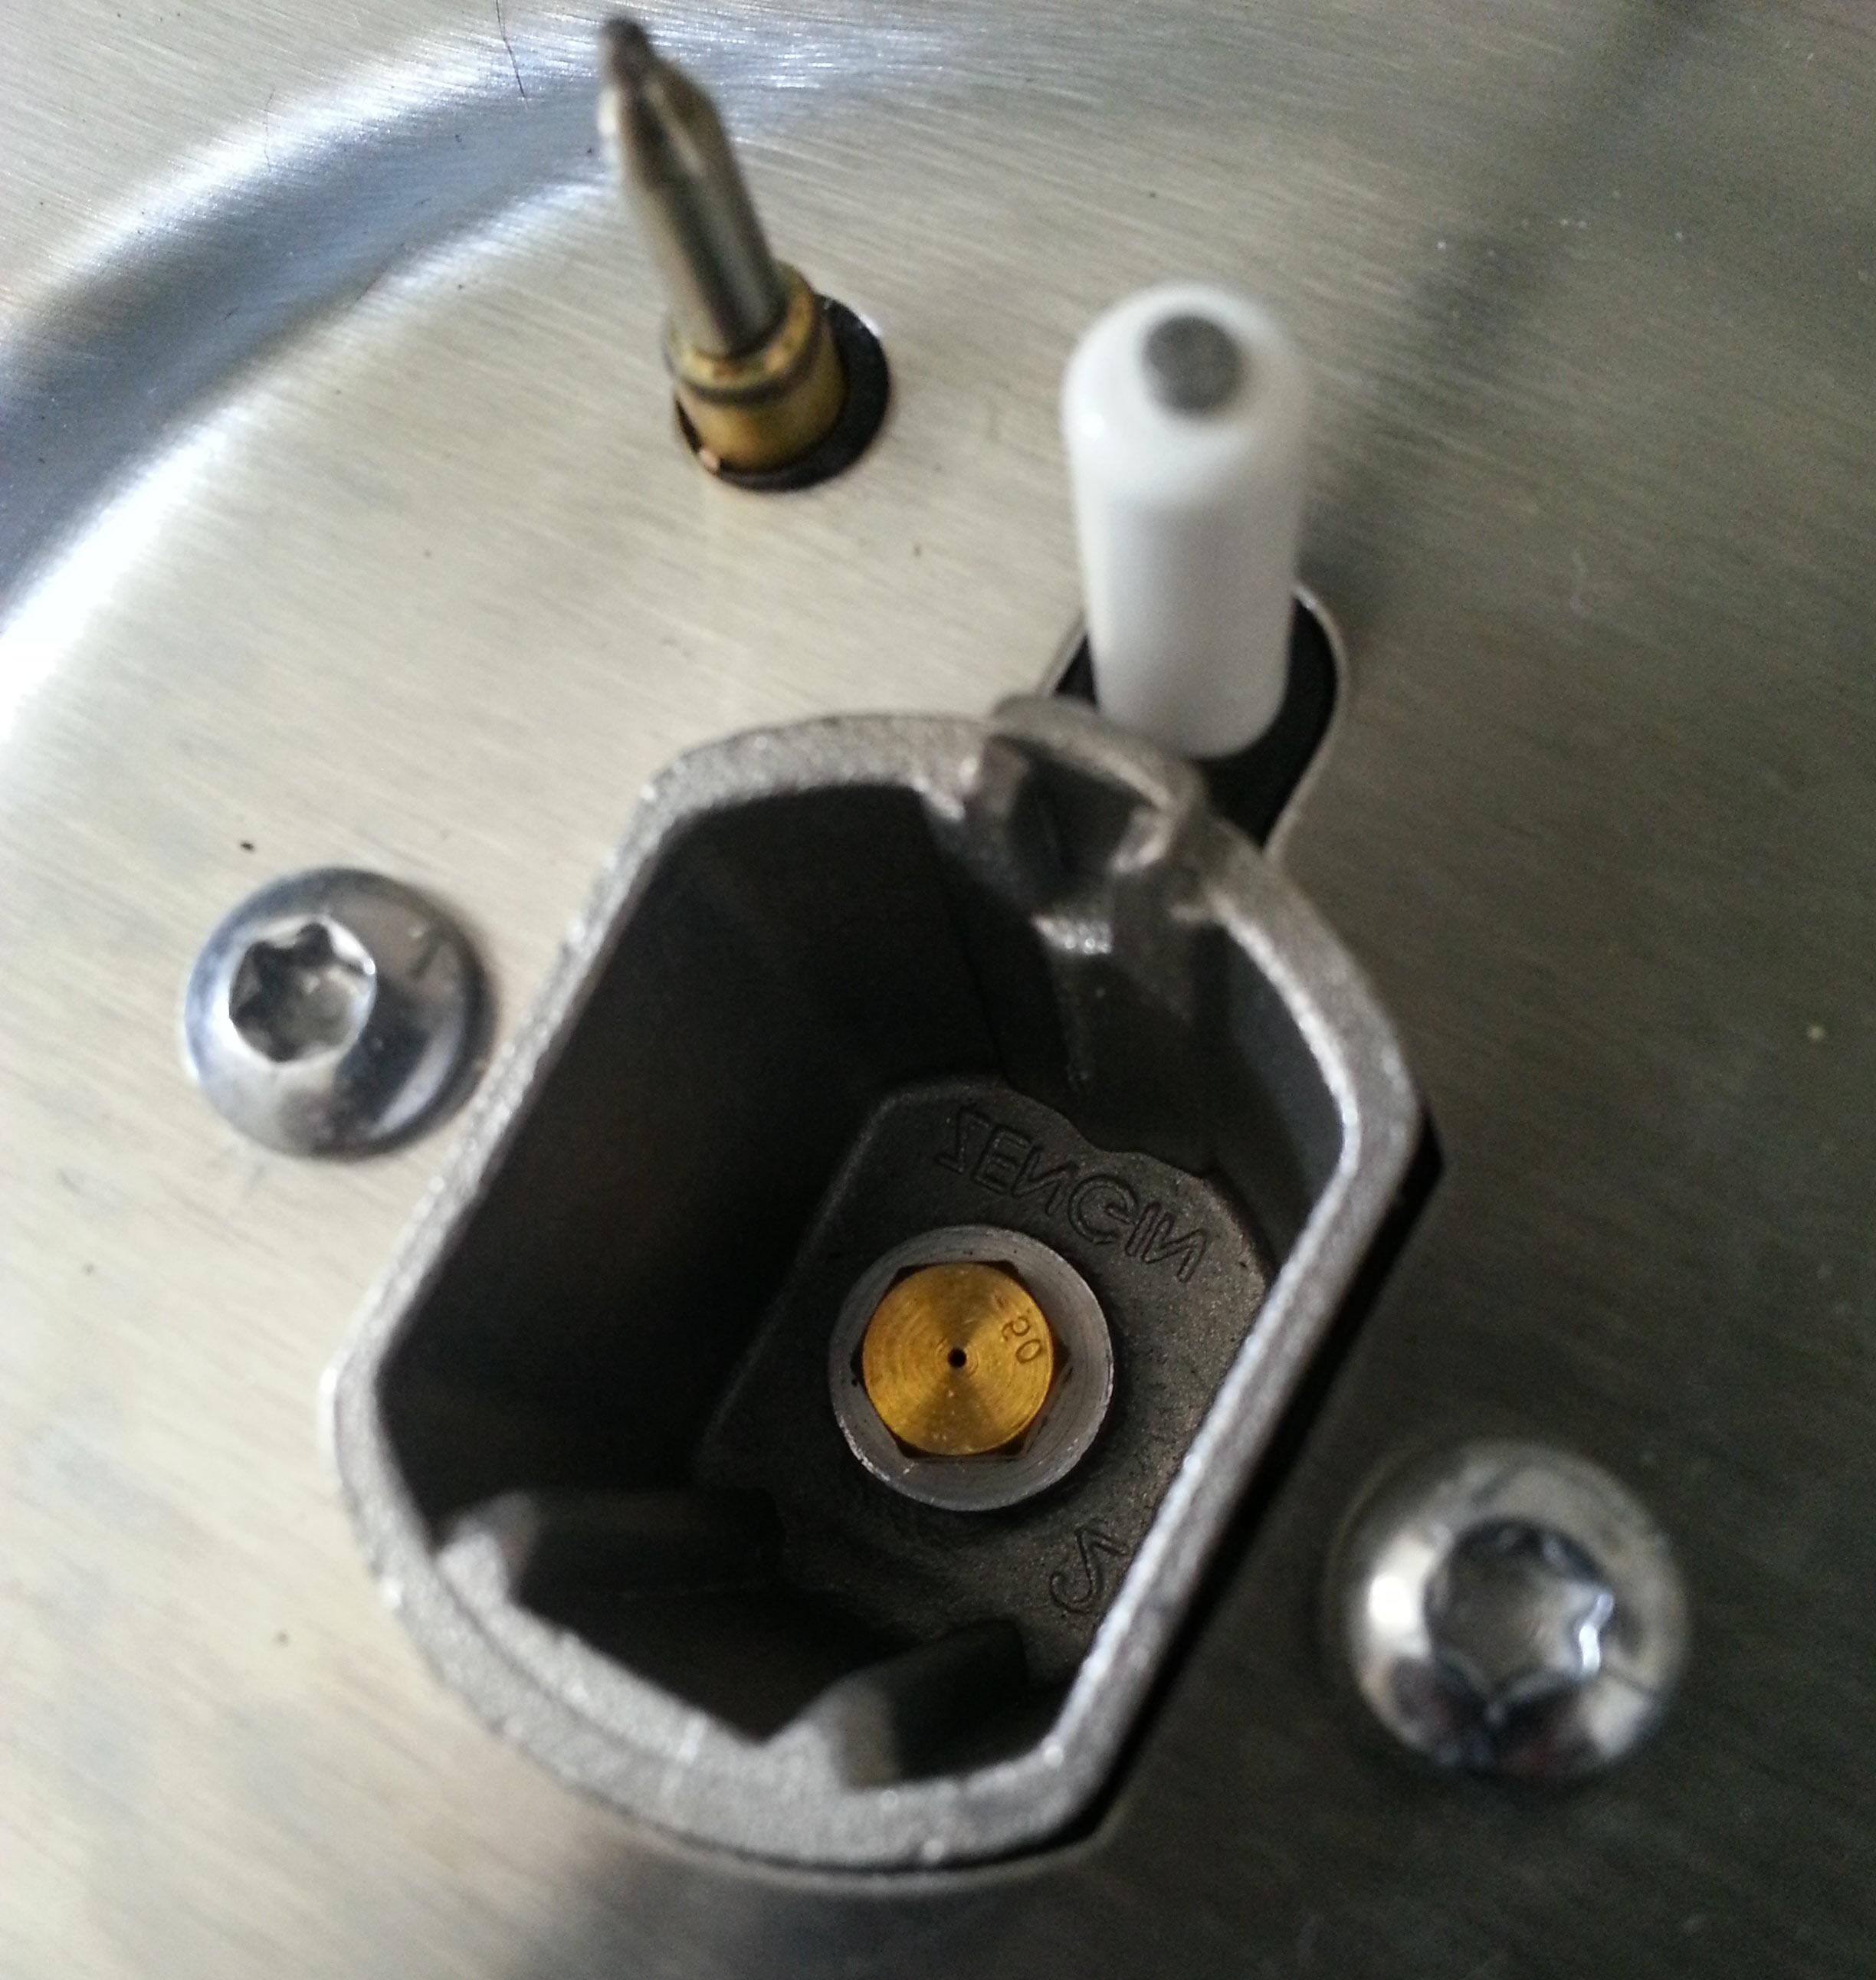 Pulire Ottone In Modo Naturale il fornello non accende - come pulire gli ugelli del piano